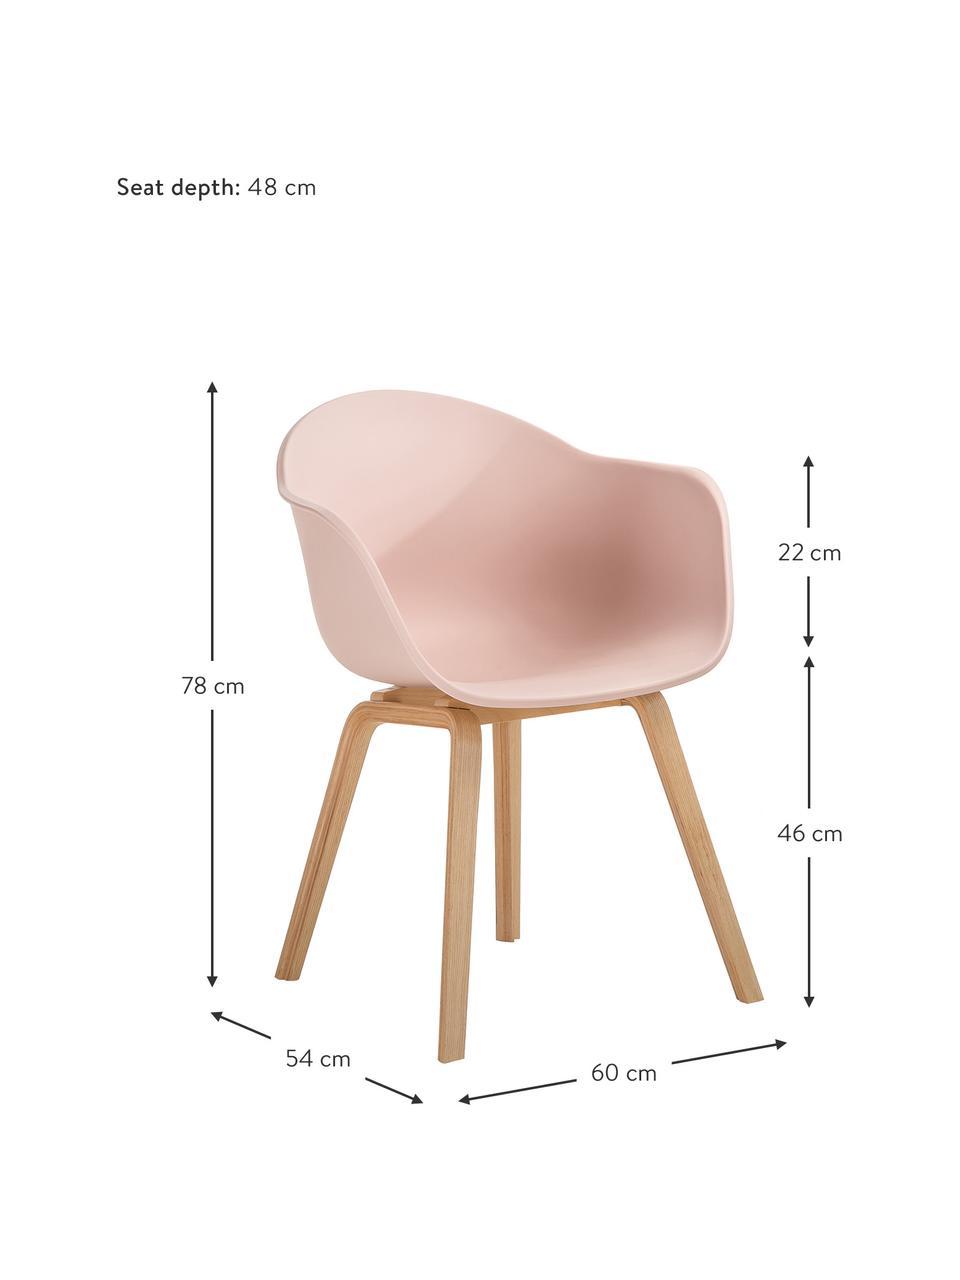 Kunststoff-Armlehnstuhl Claire mit Holzbeinen, Sitzschale: Kunststoff, Beine: Buchenholz, Rosa, B 60 x T 54 cm